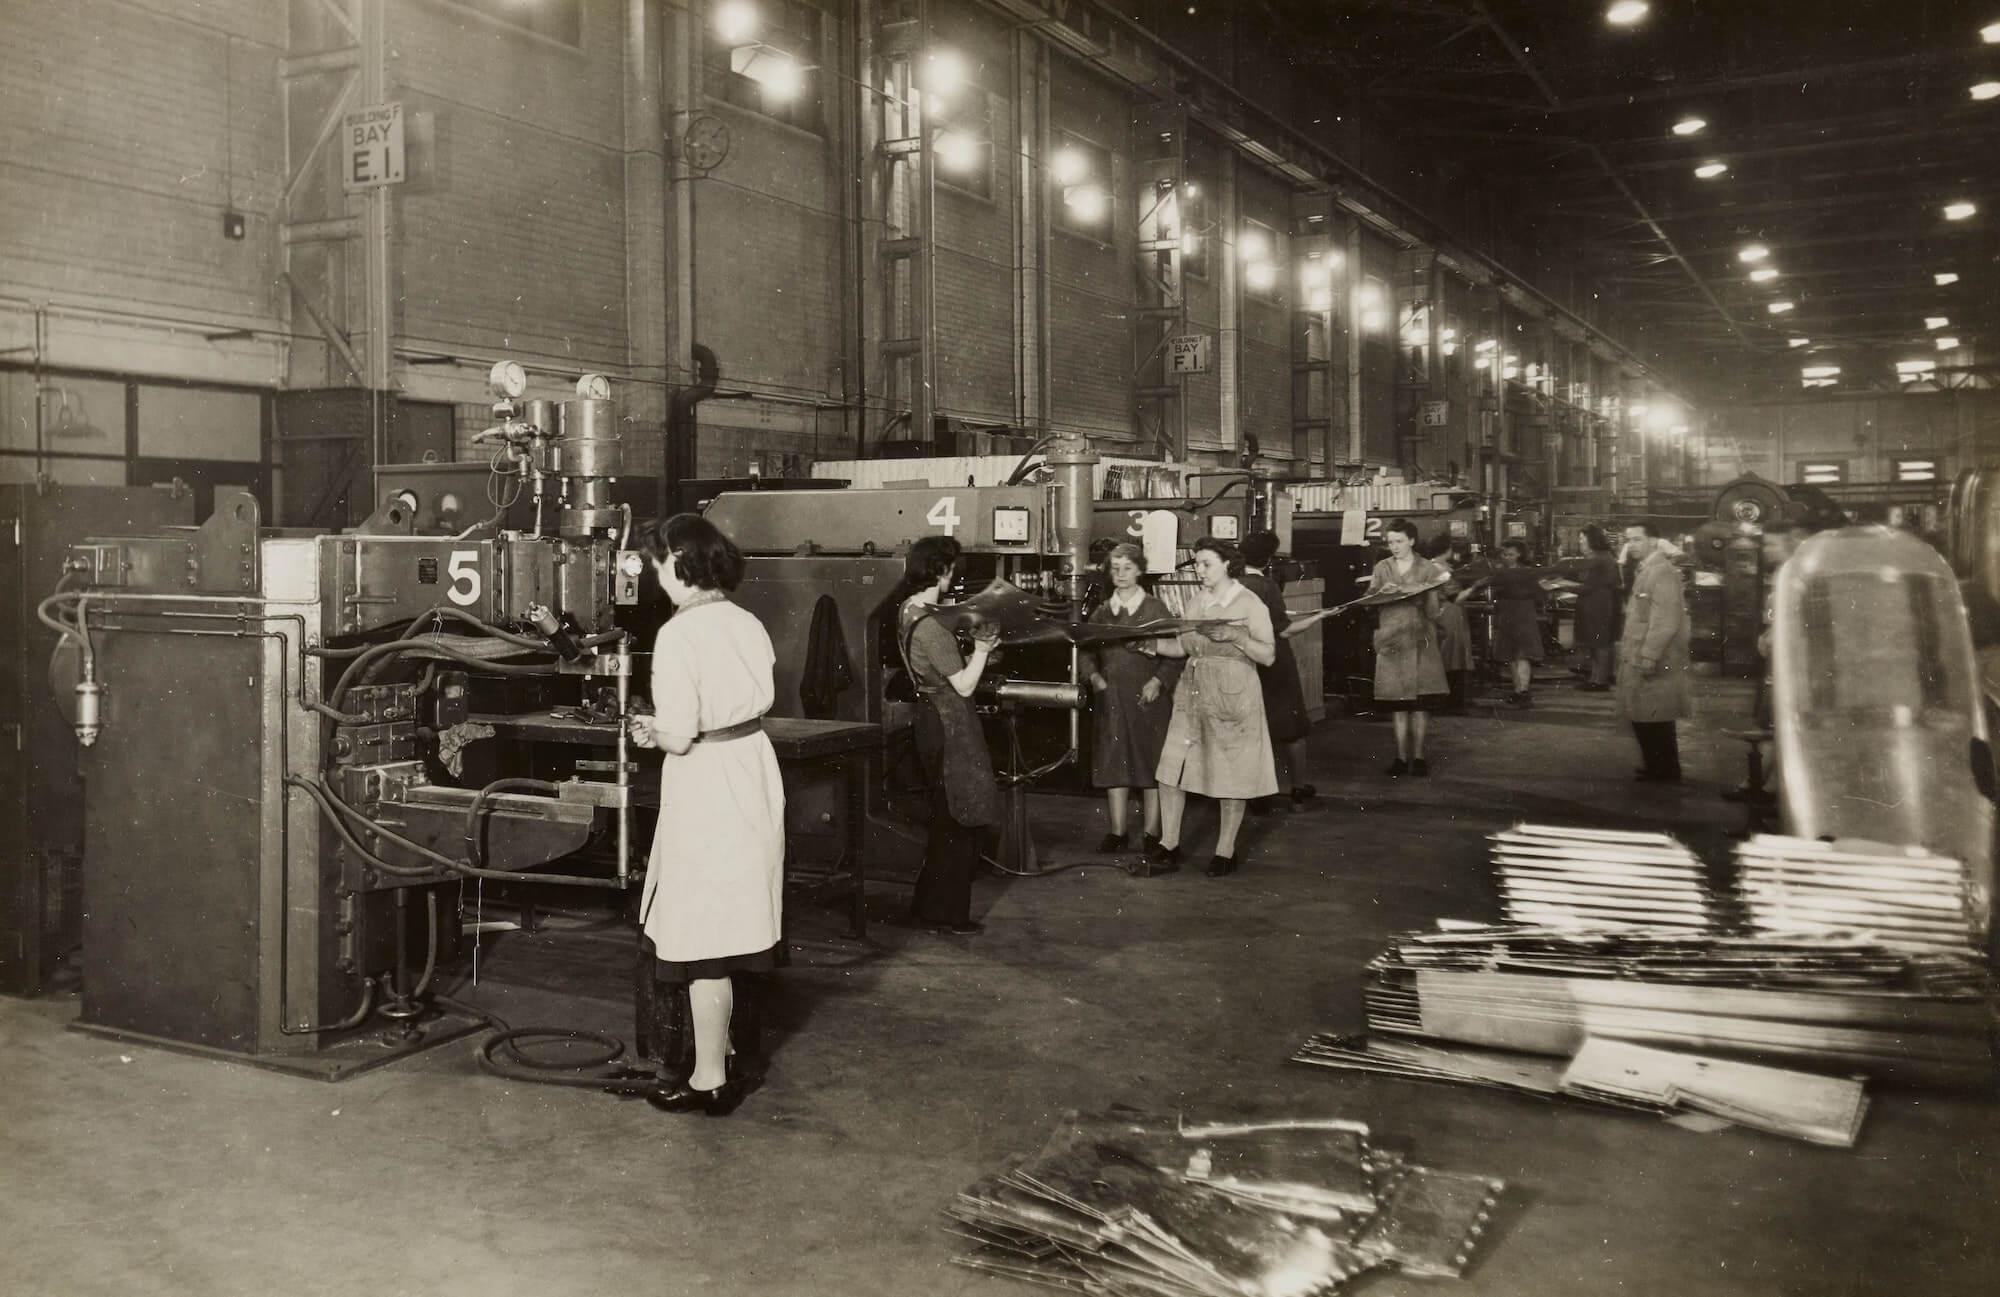 Employés qui travaillent sur une chaîne de production